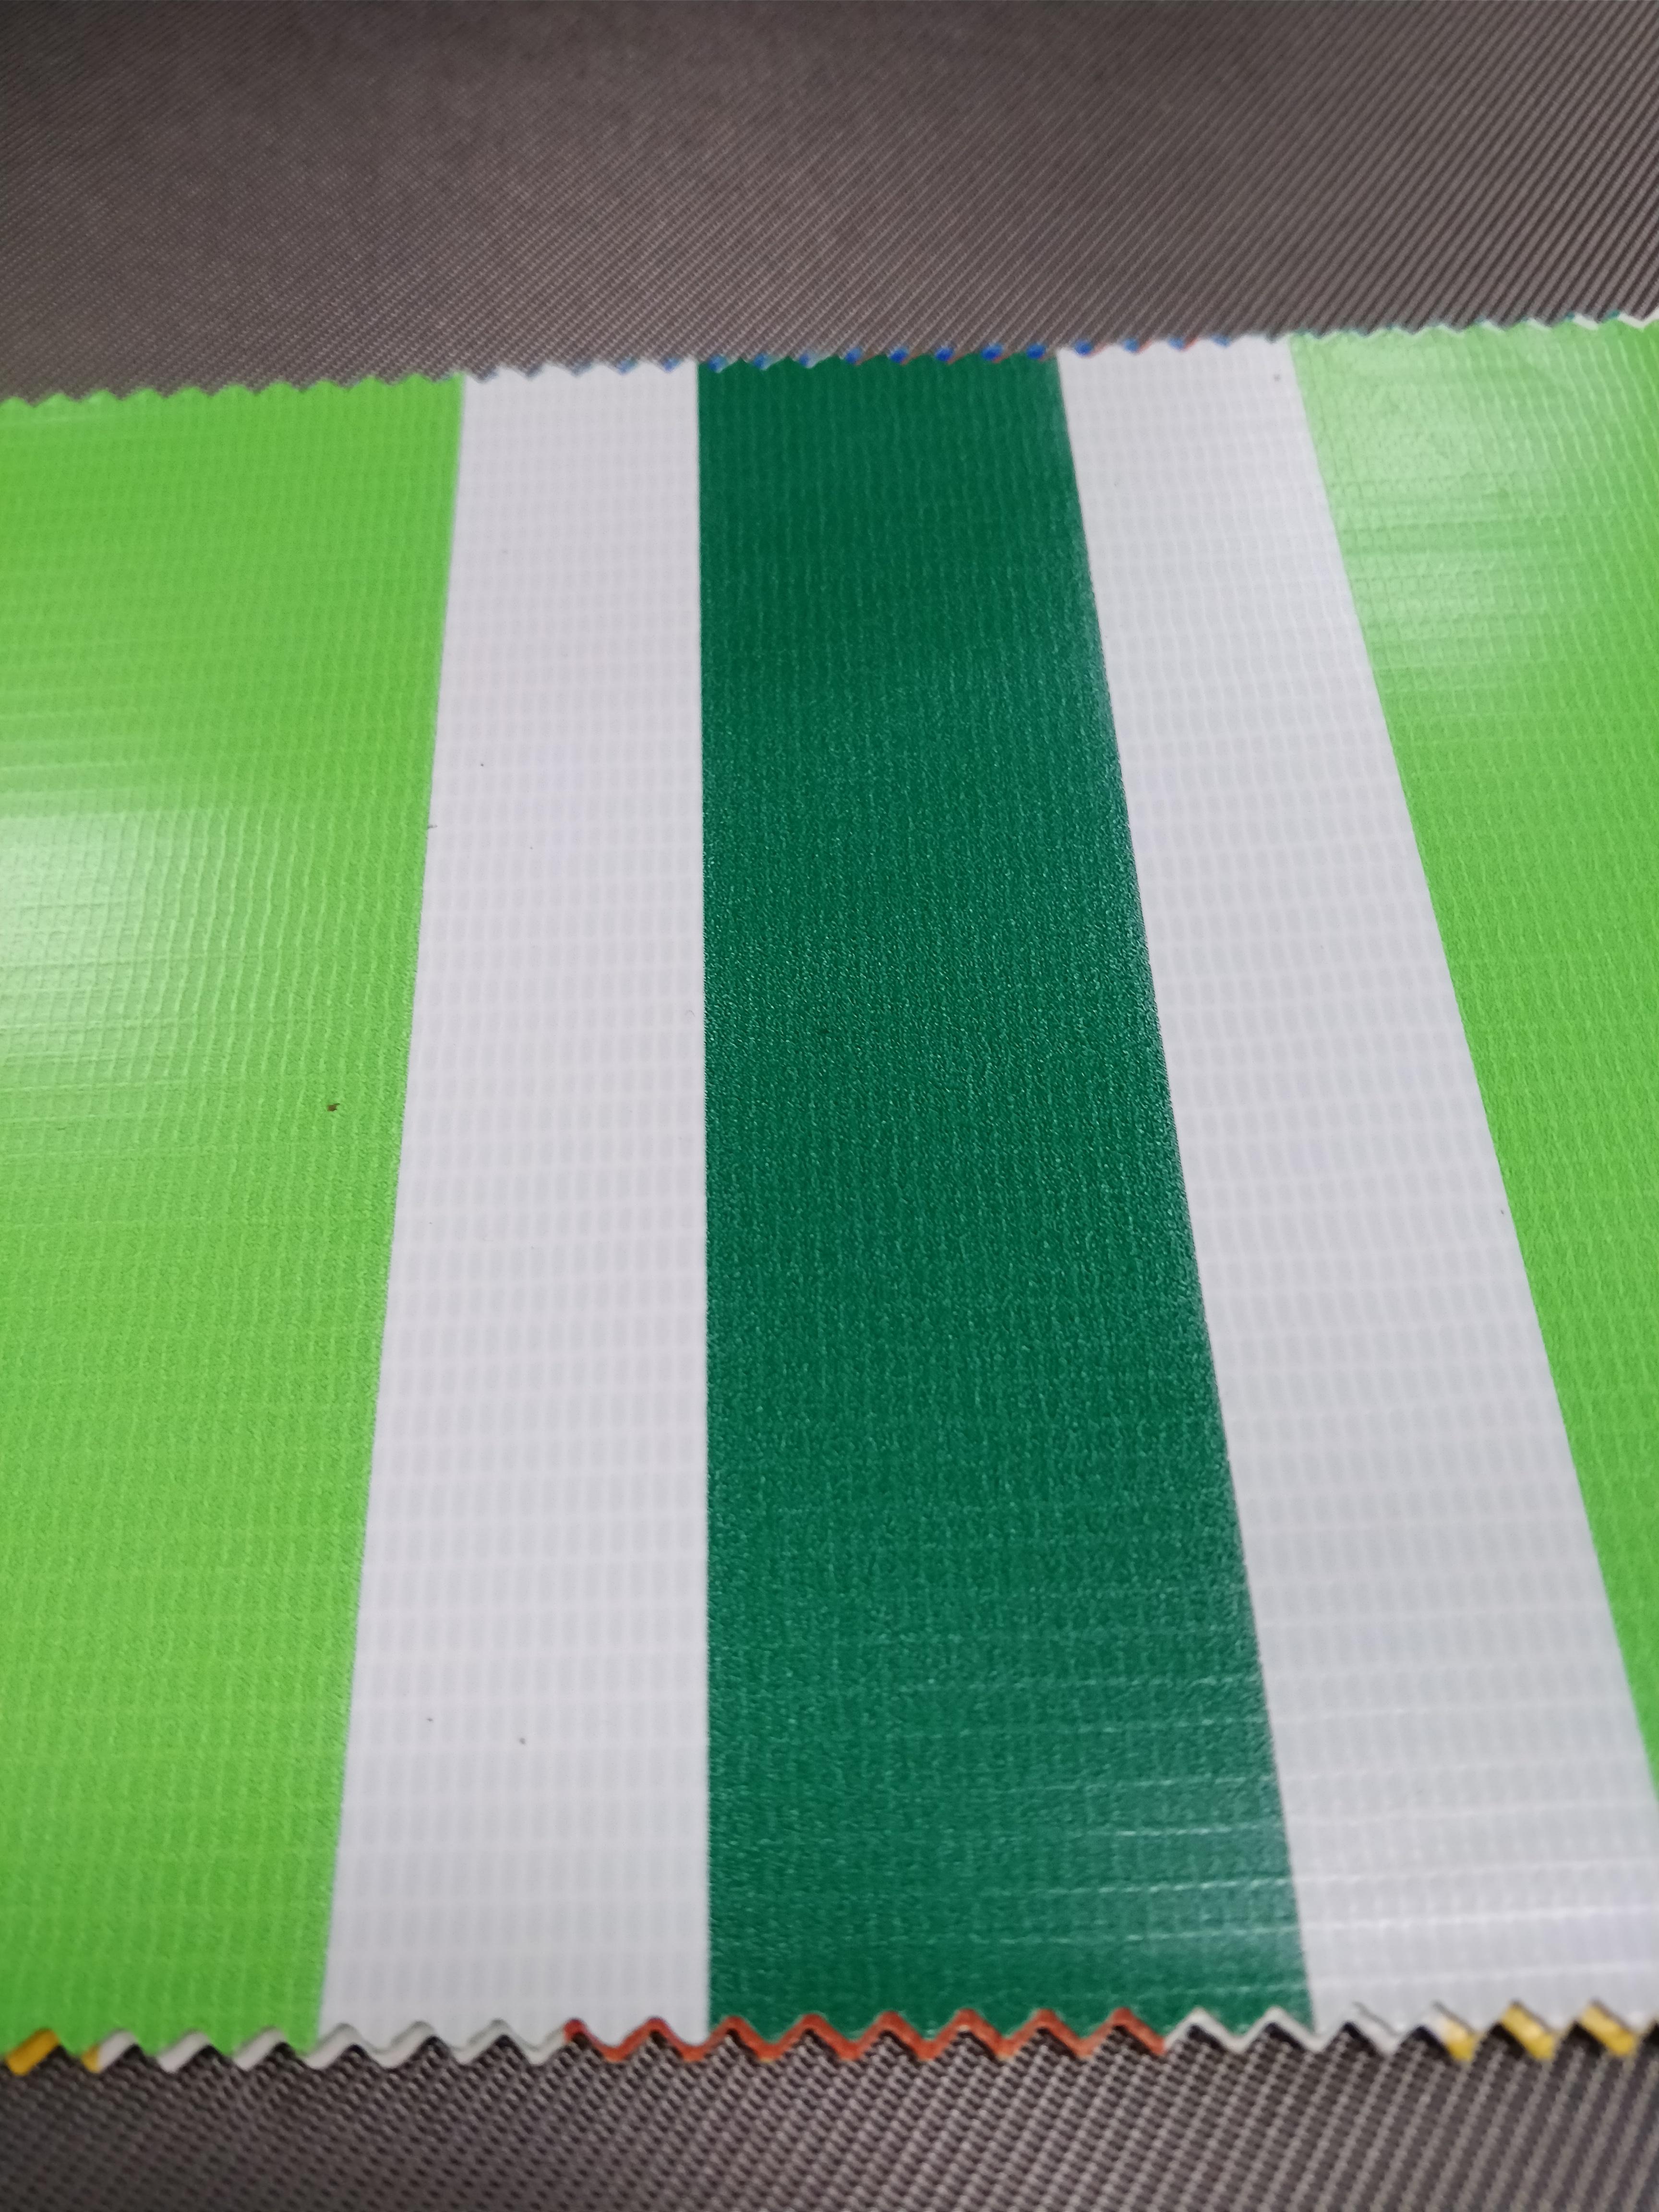 环保PVC夹网布 东莞夹网布销售商 东莞夹网布批发 东莞夹网布加工厂家